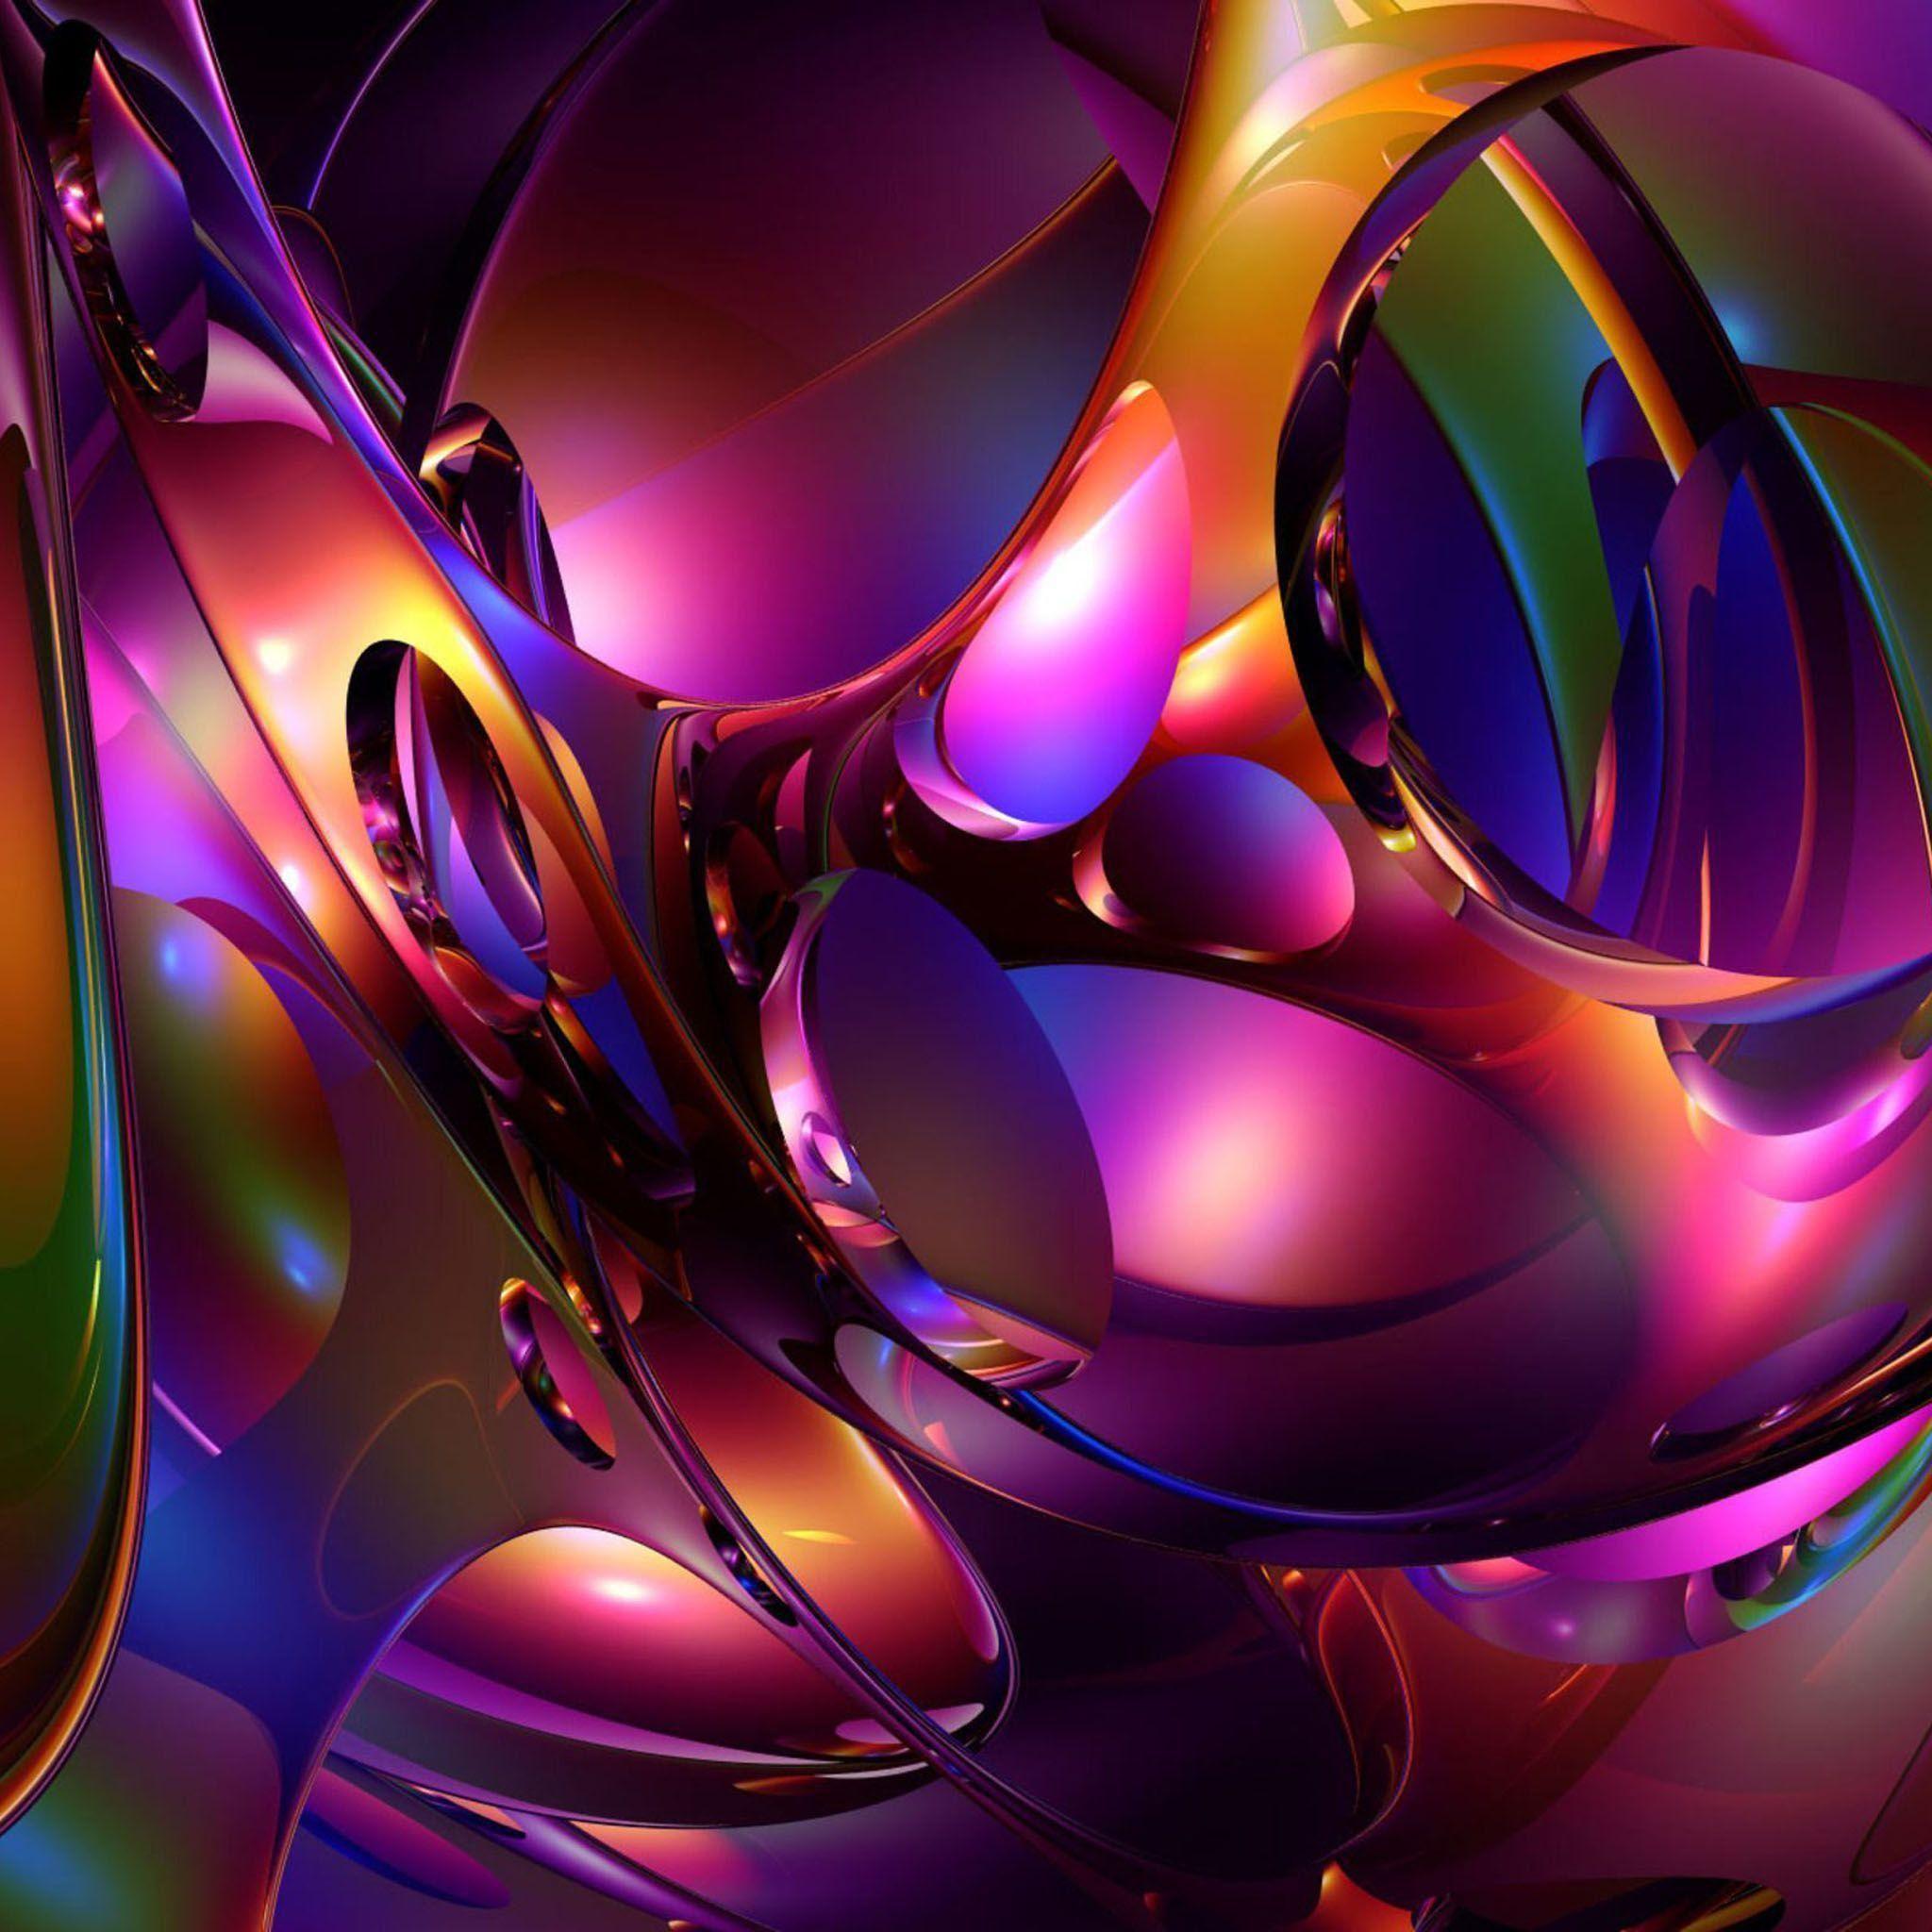 Live Moving Wallpaper Make Your Desktop Lively 2020 Fraktal Resim